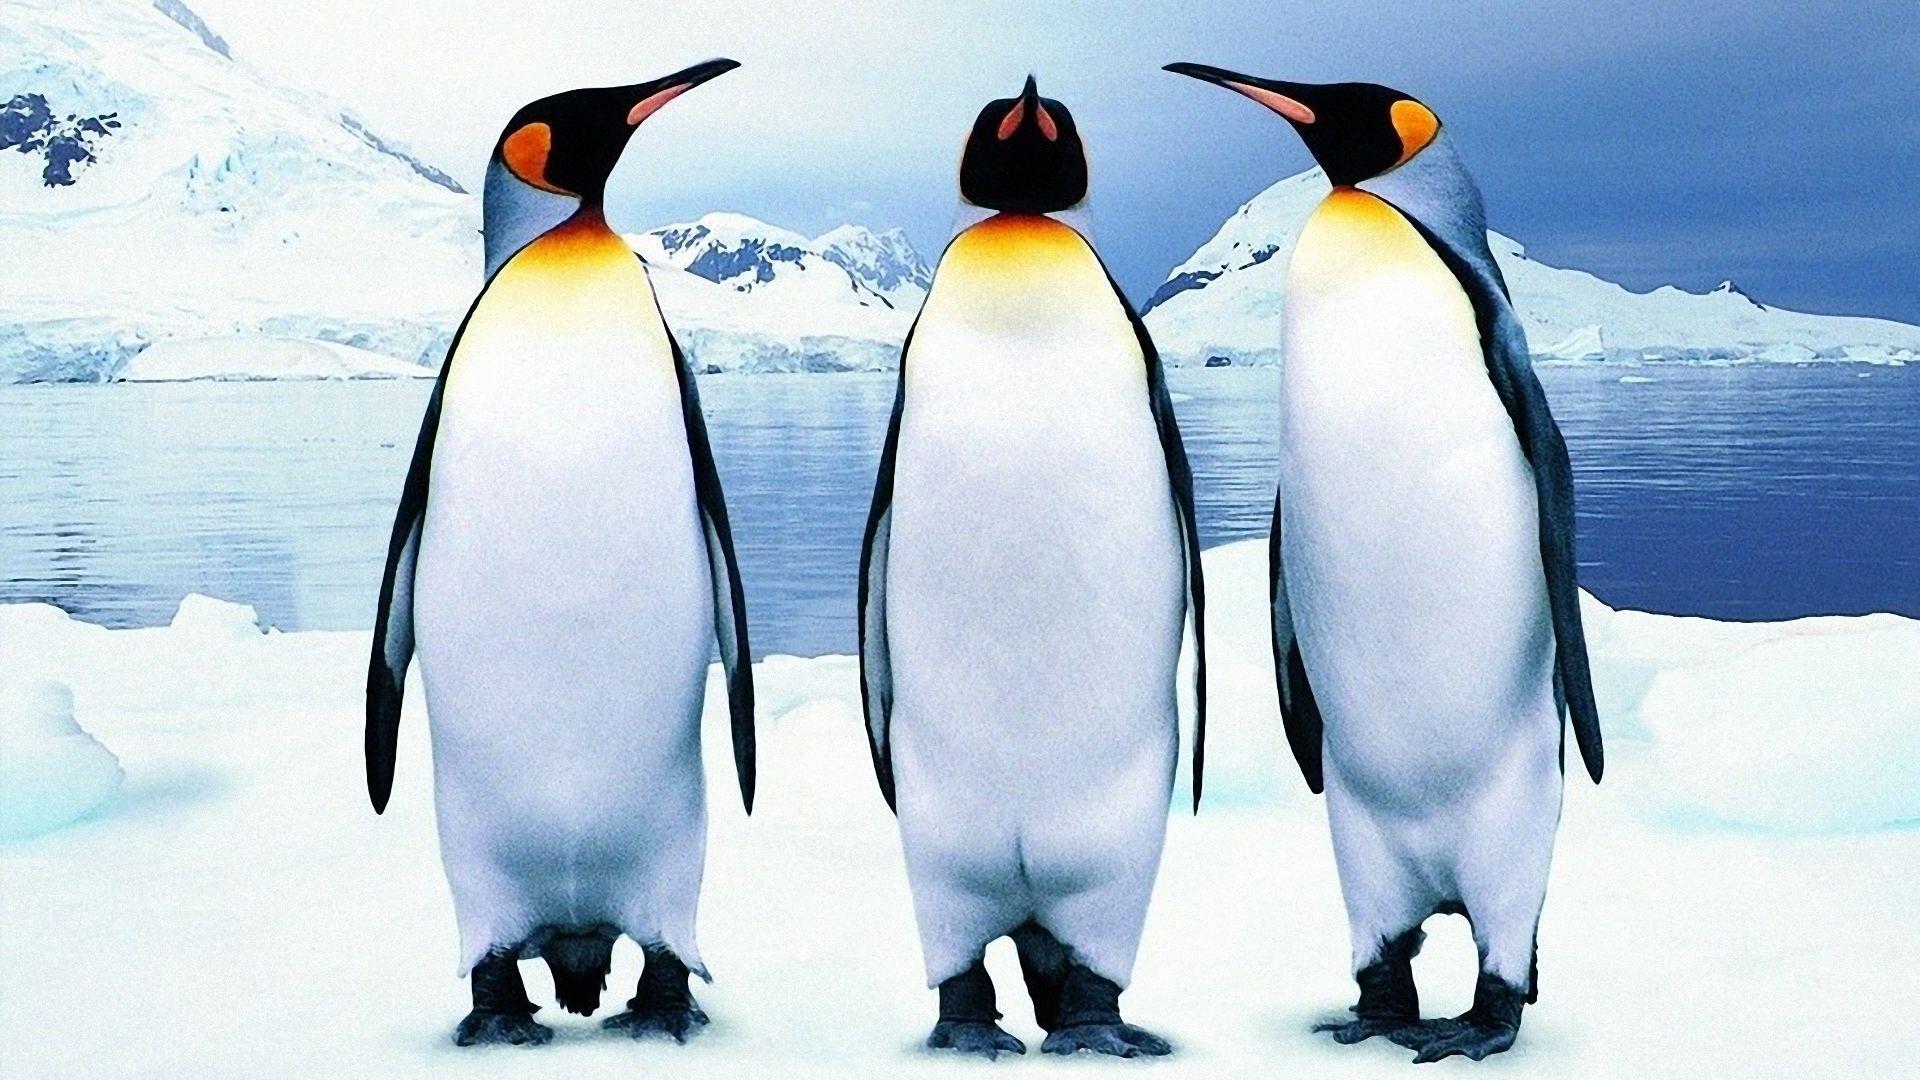 Penguin PC Wallpaper